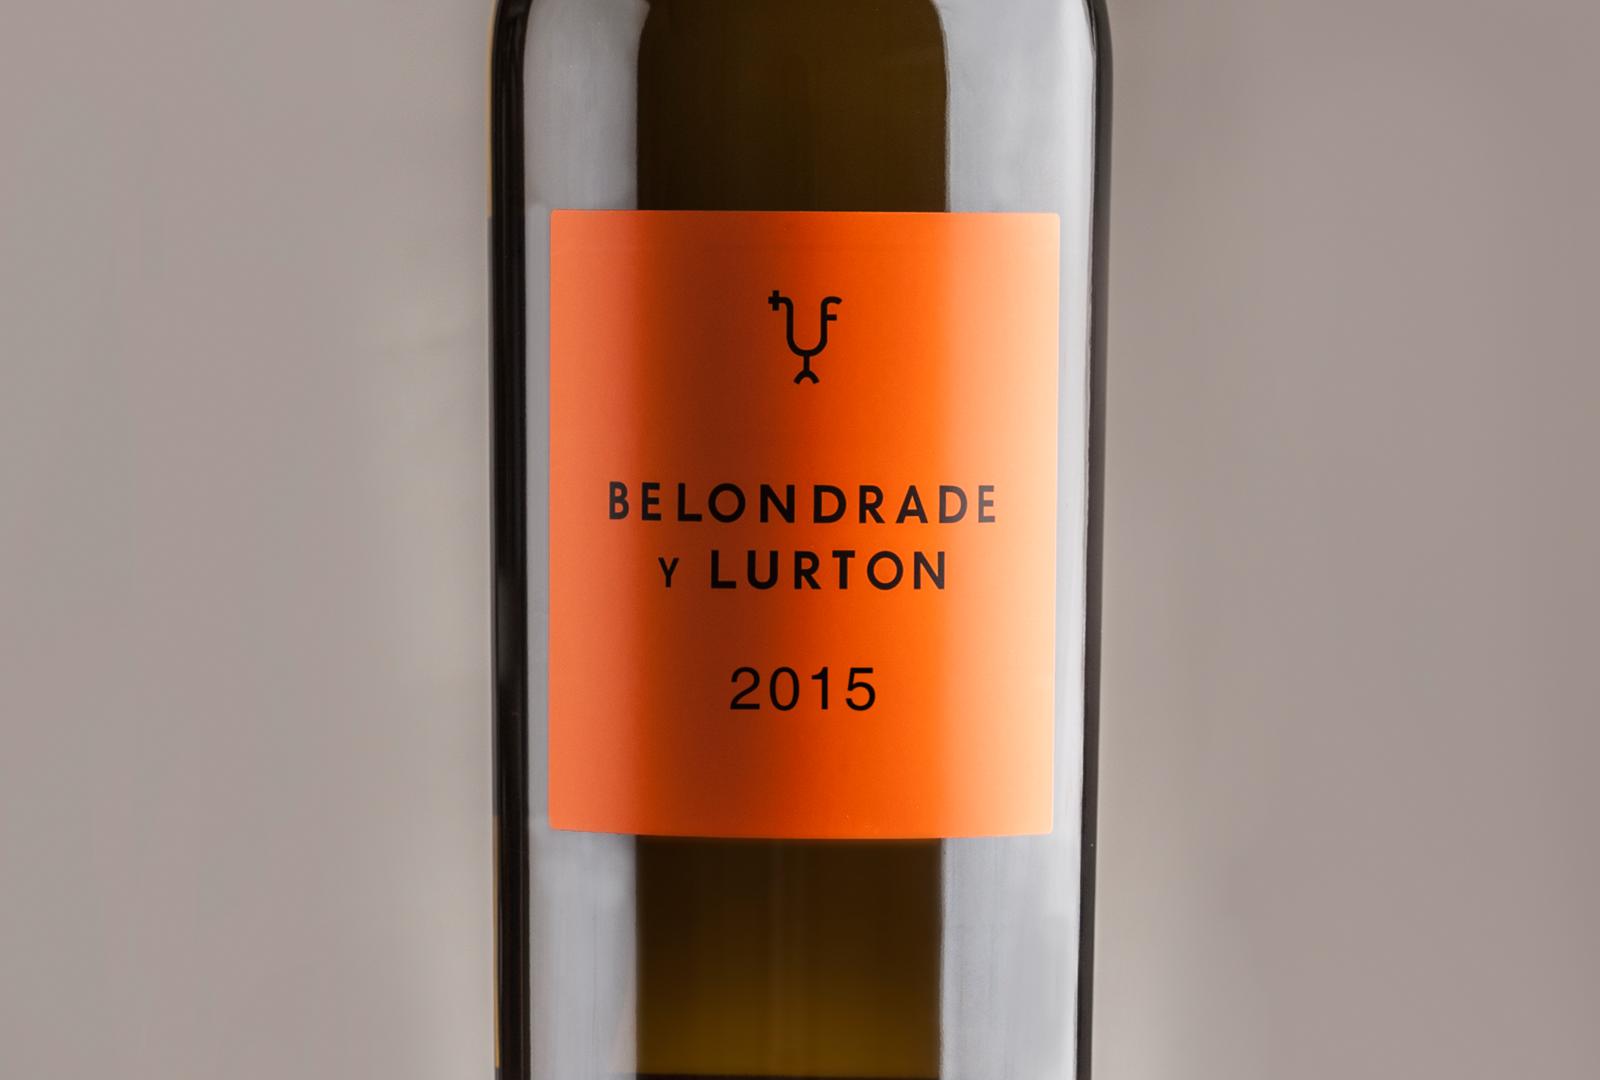 Belondrade y Lurton 2015 emblema de la bodega.